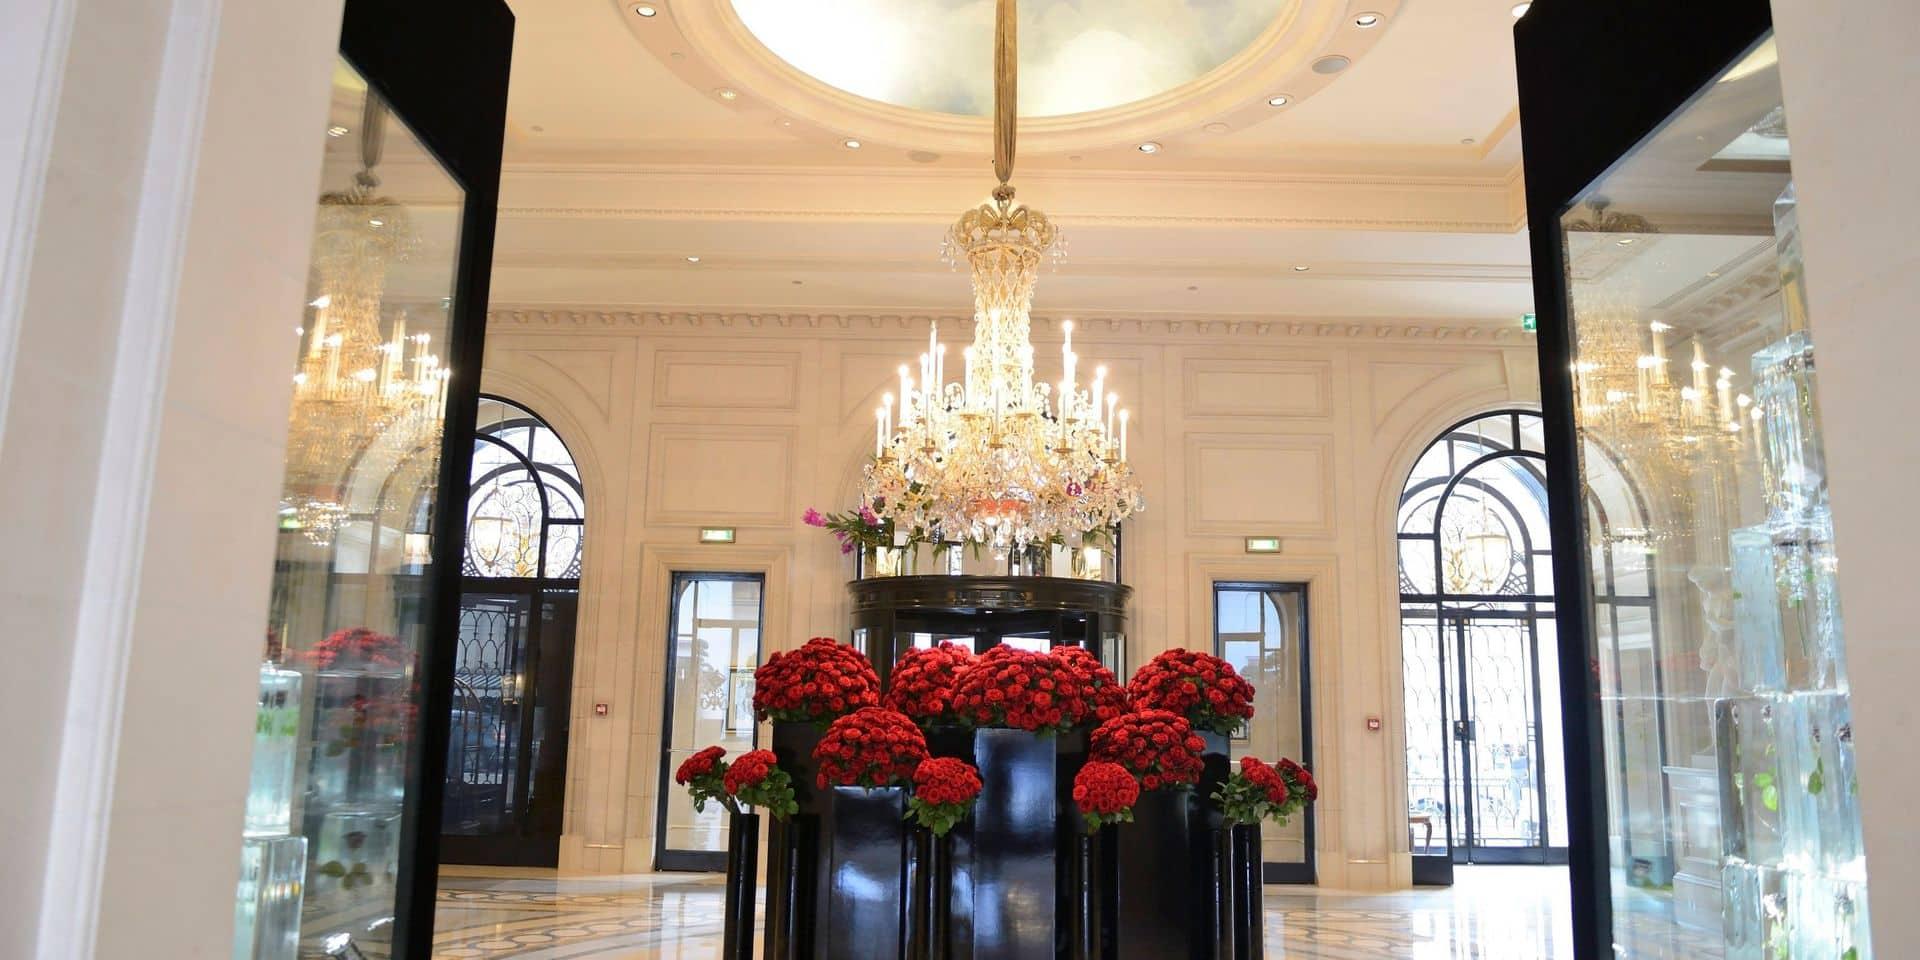 Braquage dans un célèbre palace parisien: les voleurs sont repartis avec 100.000 euros de bijoux!